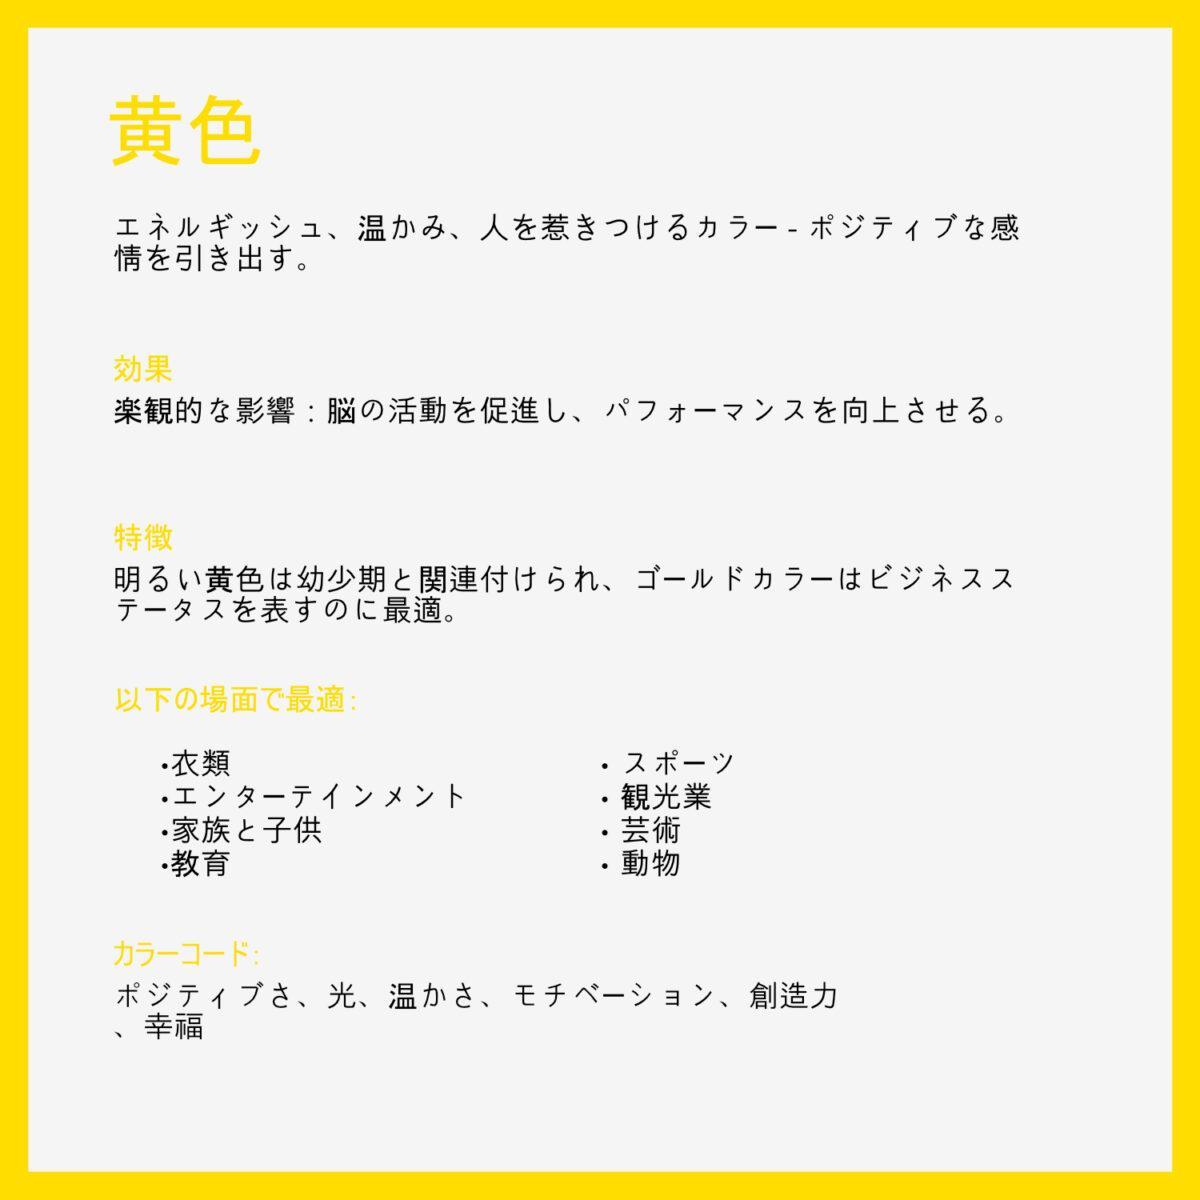 ブランドカラー 黄色